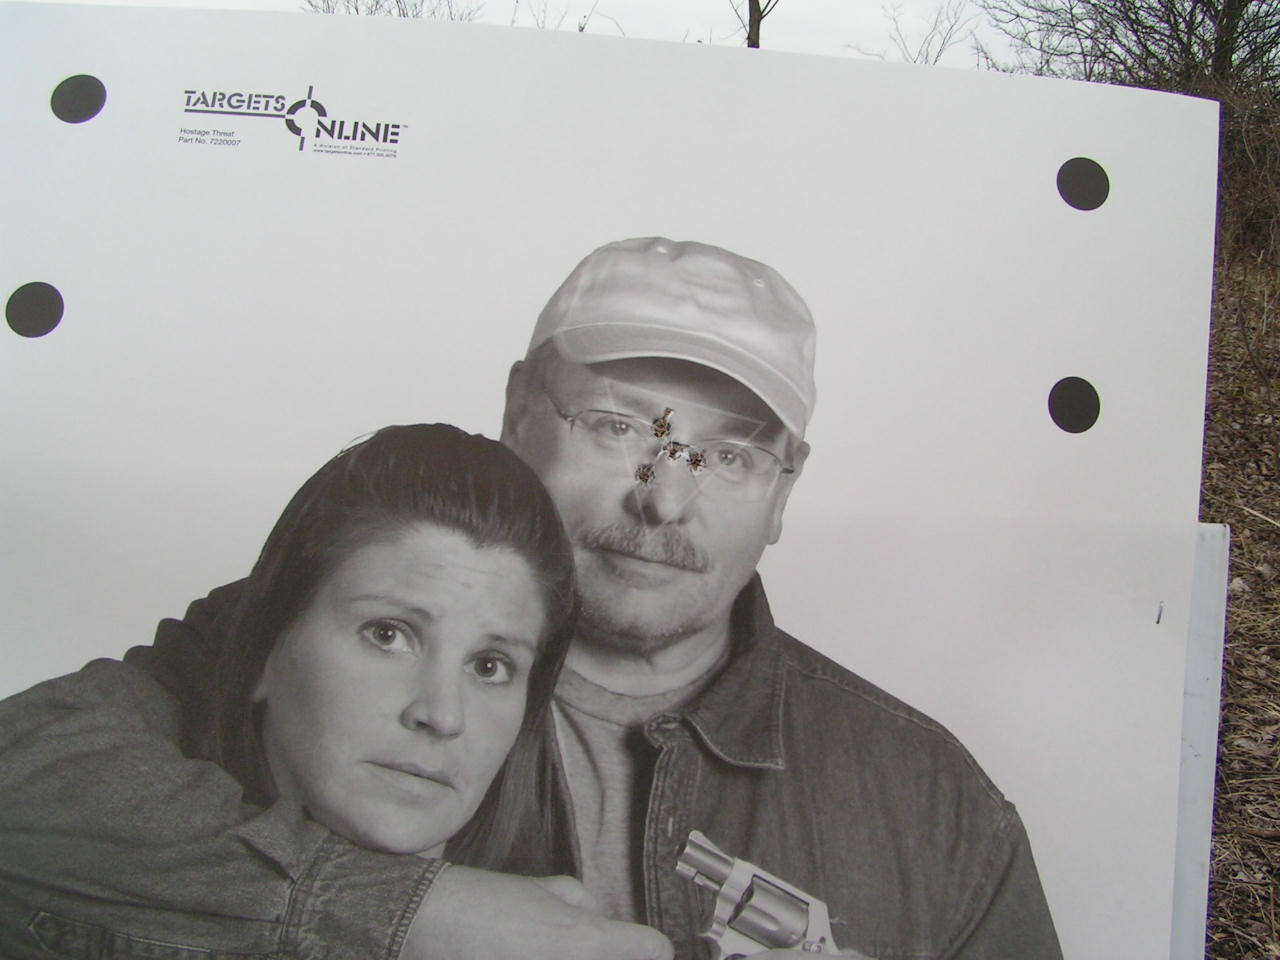 Targets-targetsonline-004.jpg